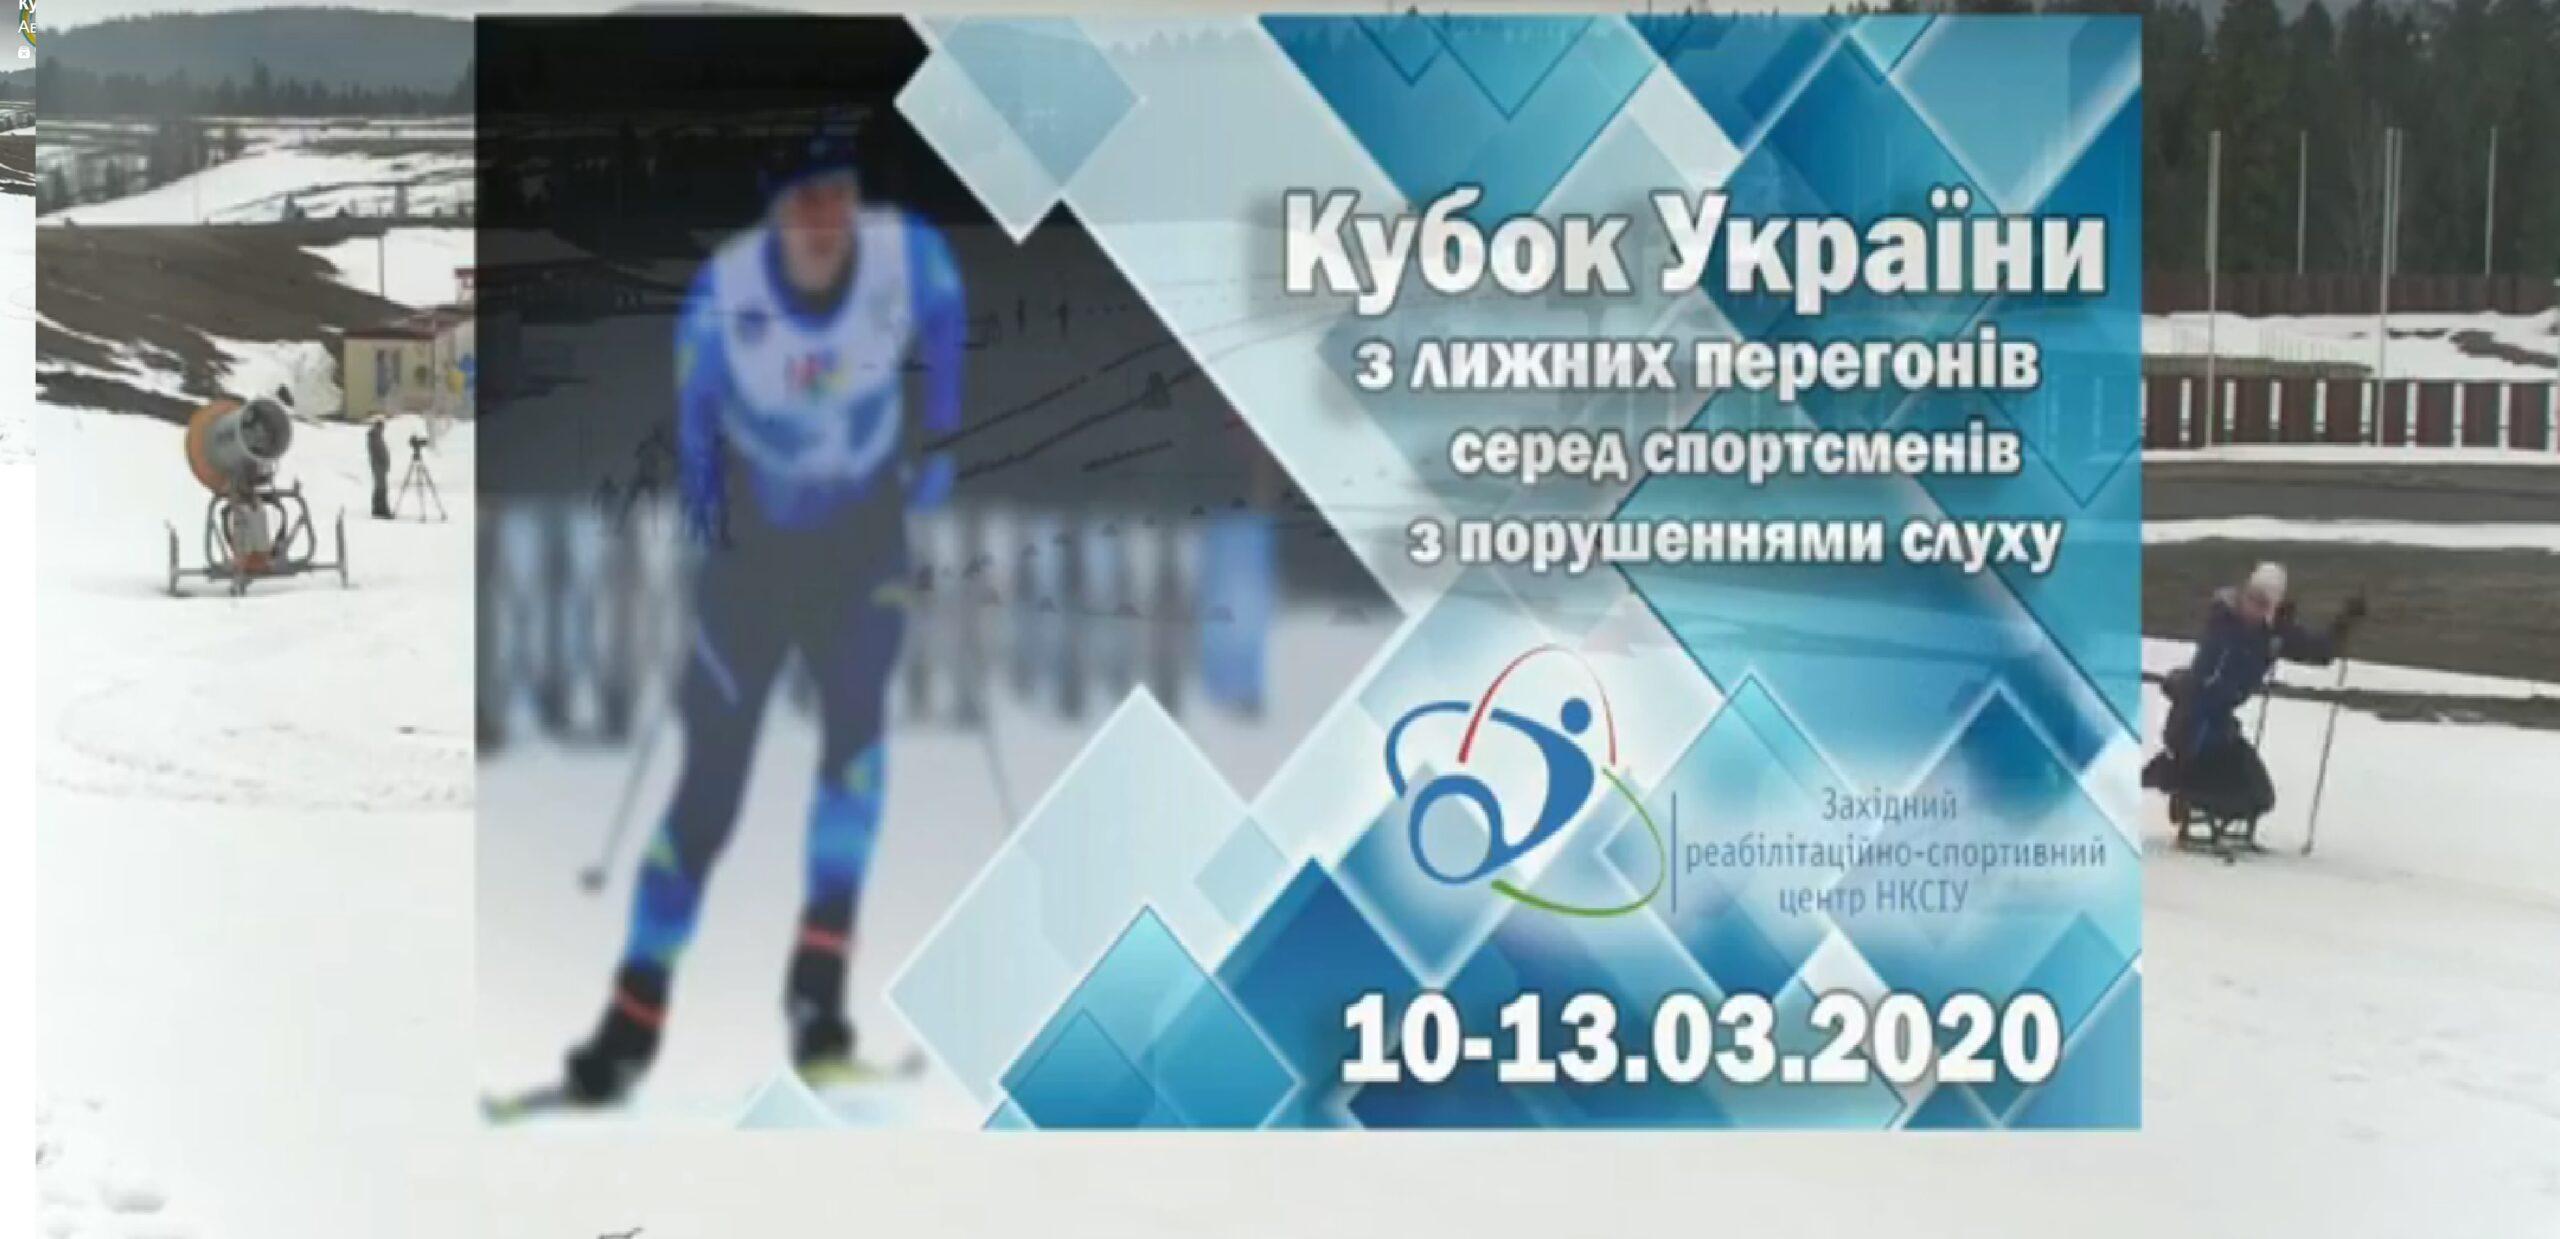 З 10 по 13 березня кубок України з лижних перегонів серед спортсменів з порушеннями слуху.